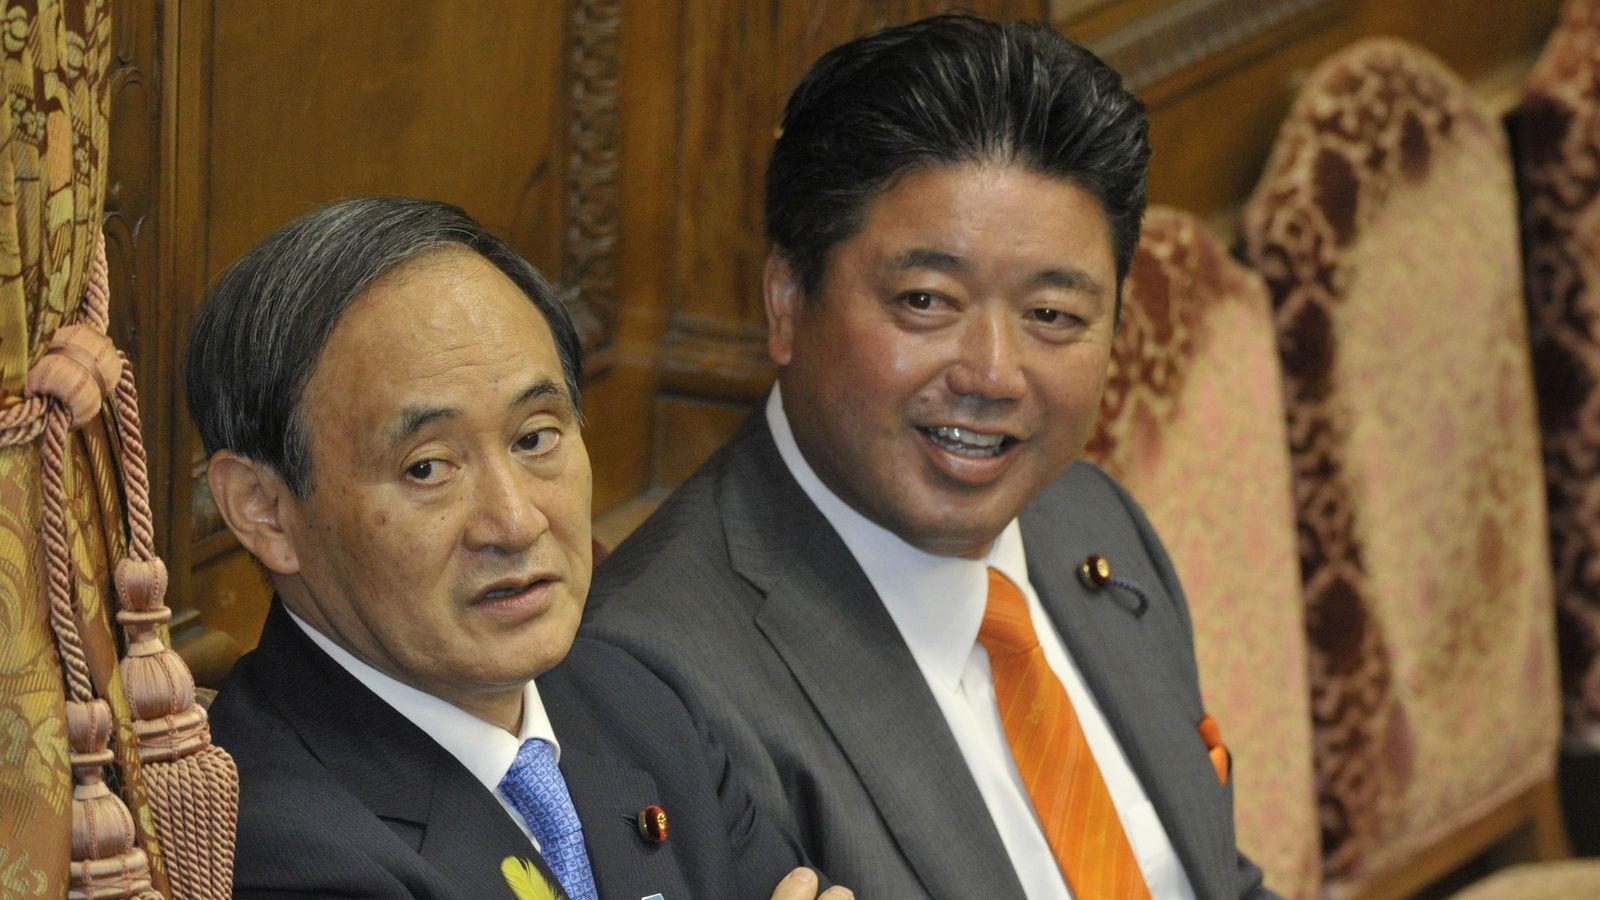 「ポスト安倍」が霞んでいく菅官房長官の想定外 側近の2閣僚を失い、今度は盟友が…